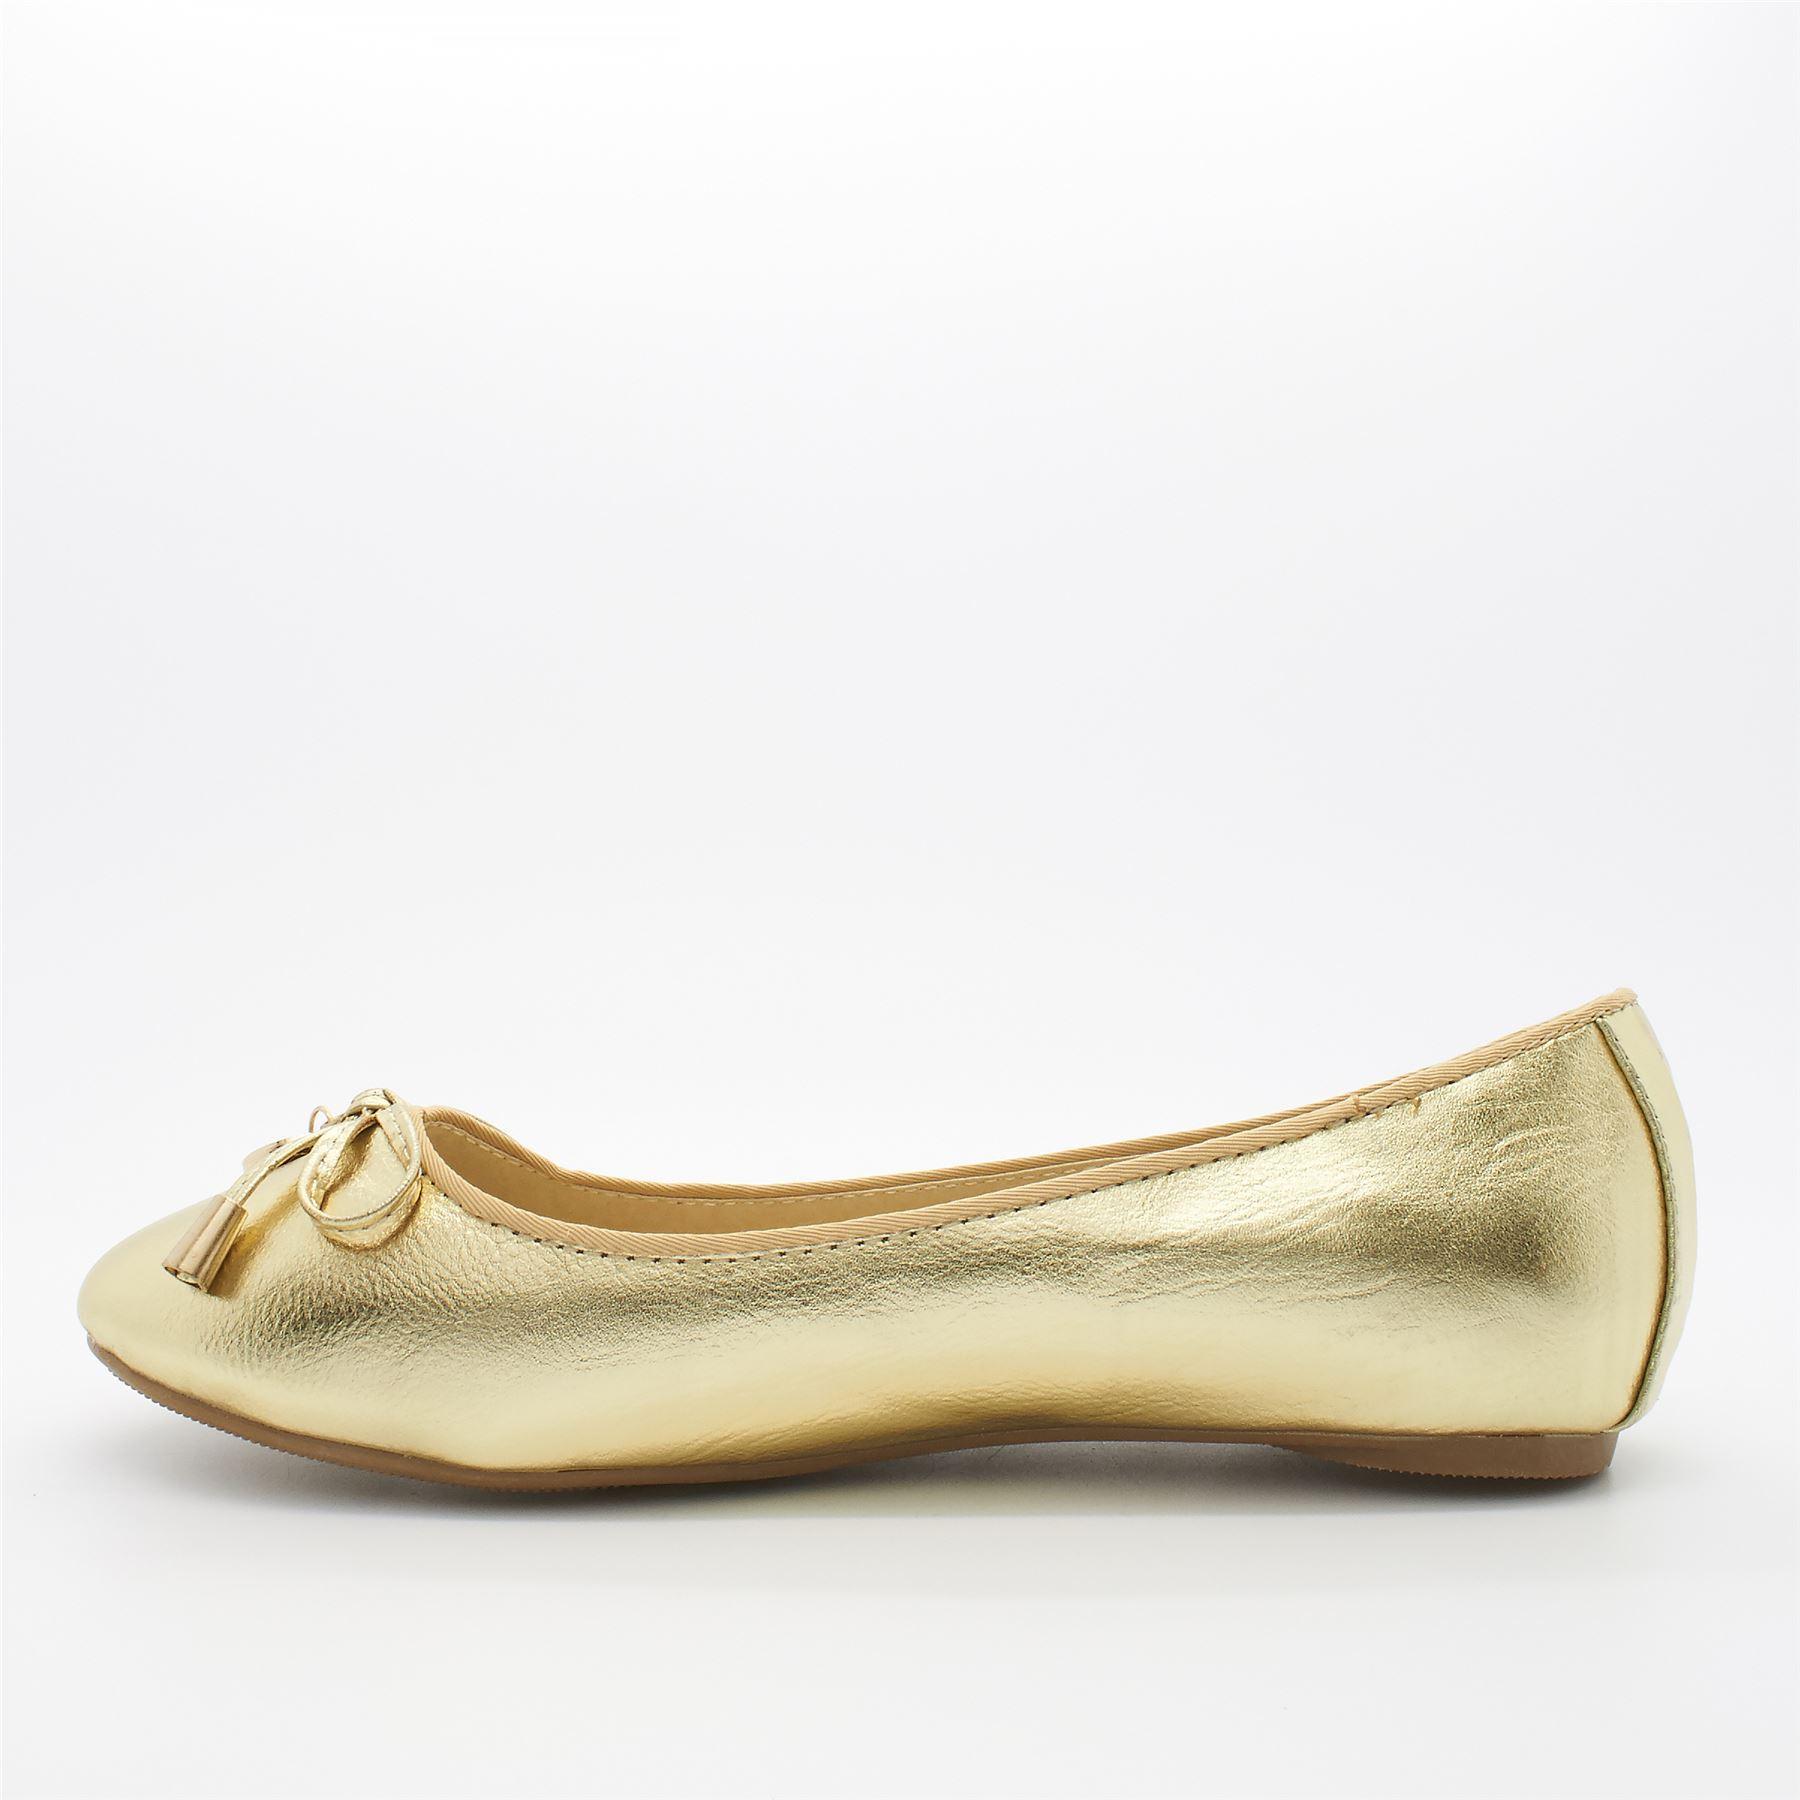 Para Niños Arco Dolly Zapatos Talla Uk Nuevos Niñas Ballet Bailarina Casual Plana Bombas